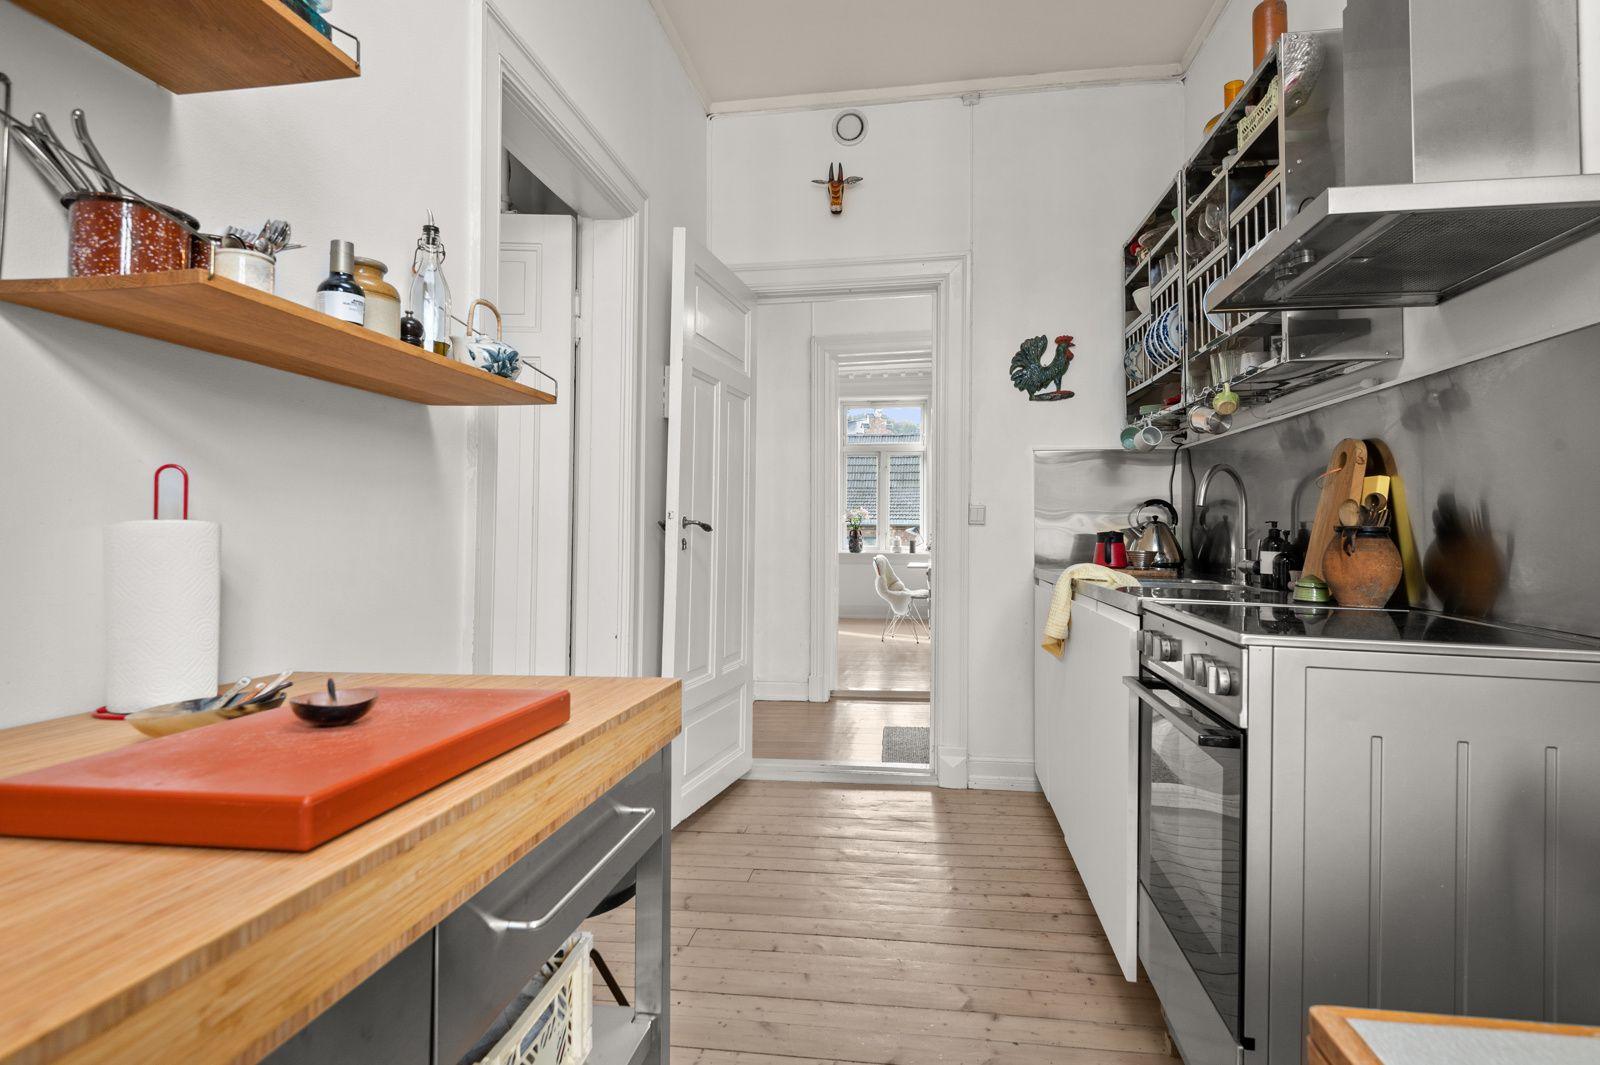 Arups gate 18 B - Integrert oppvaskmaskin. Komfyr og kjøl-/ fryseskap medfølger også -